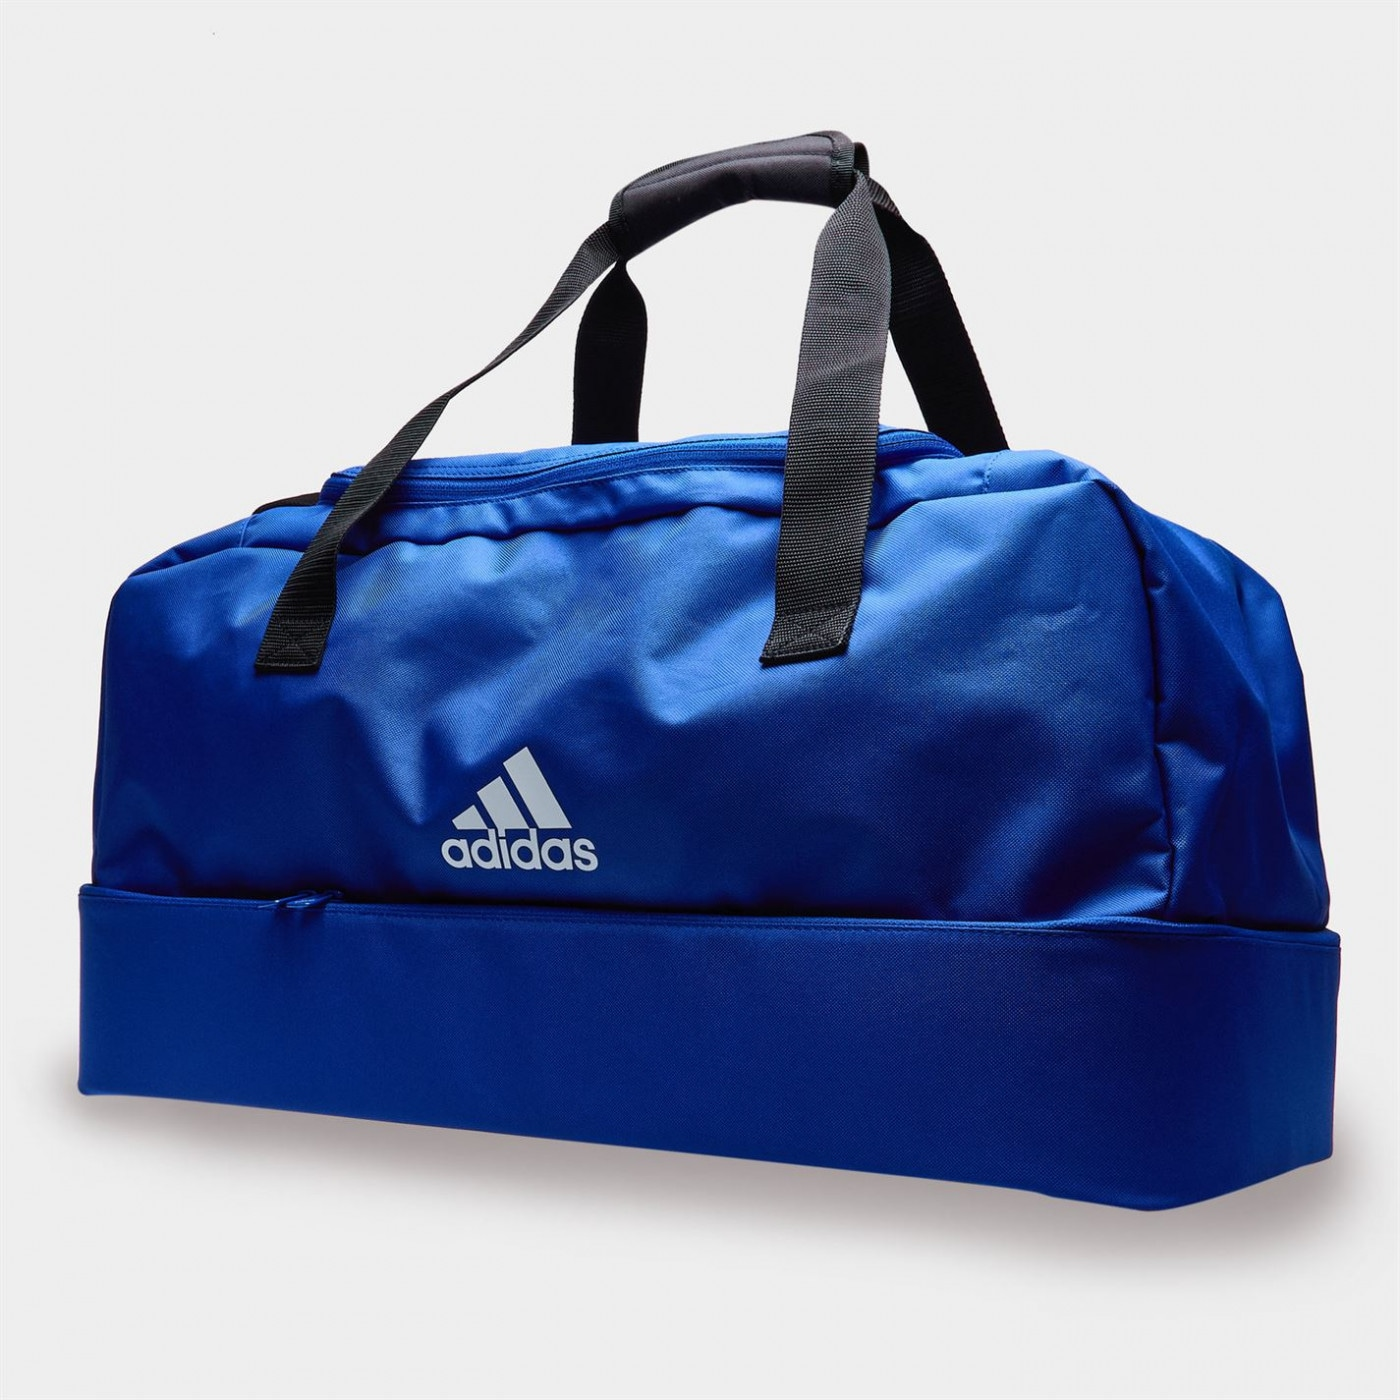 Adidas Tiro Duffel Bag Mens